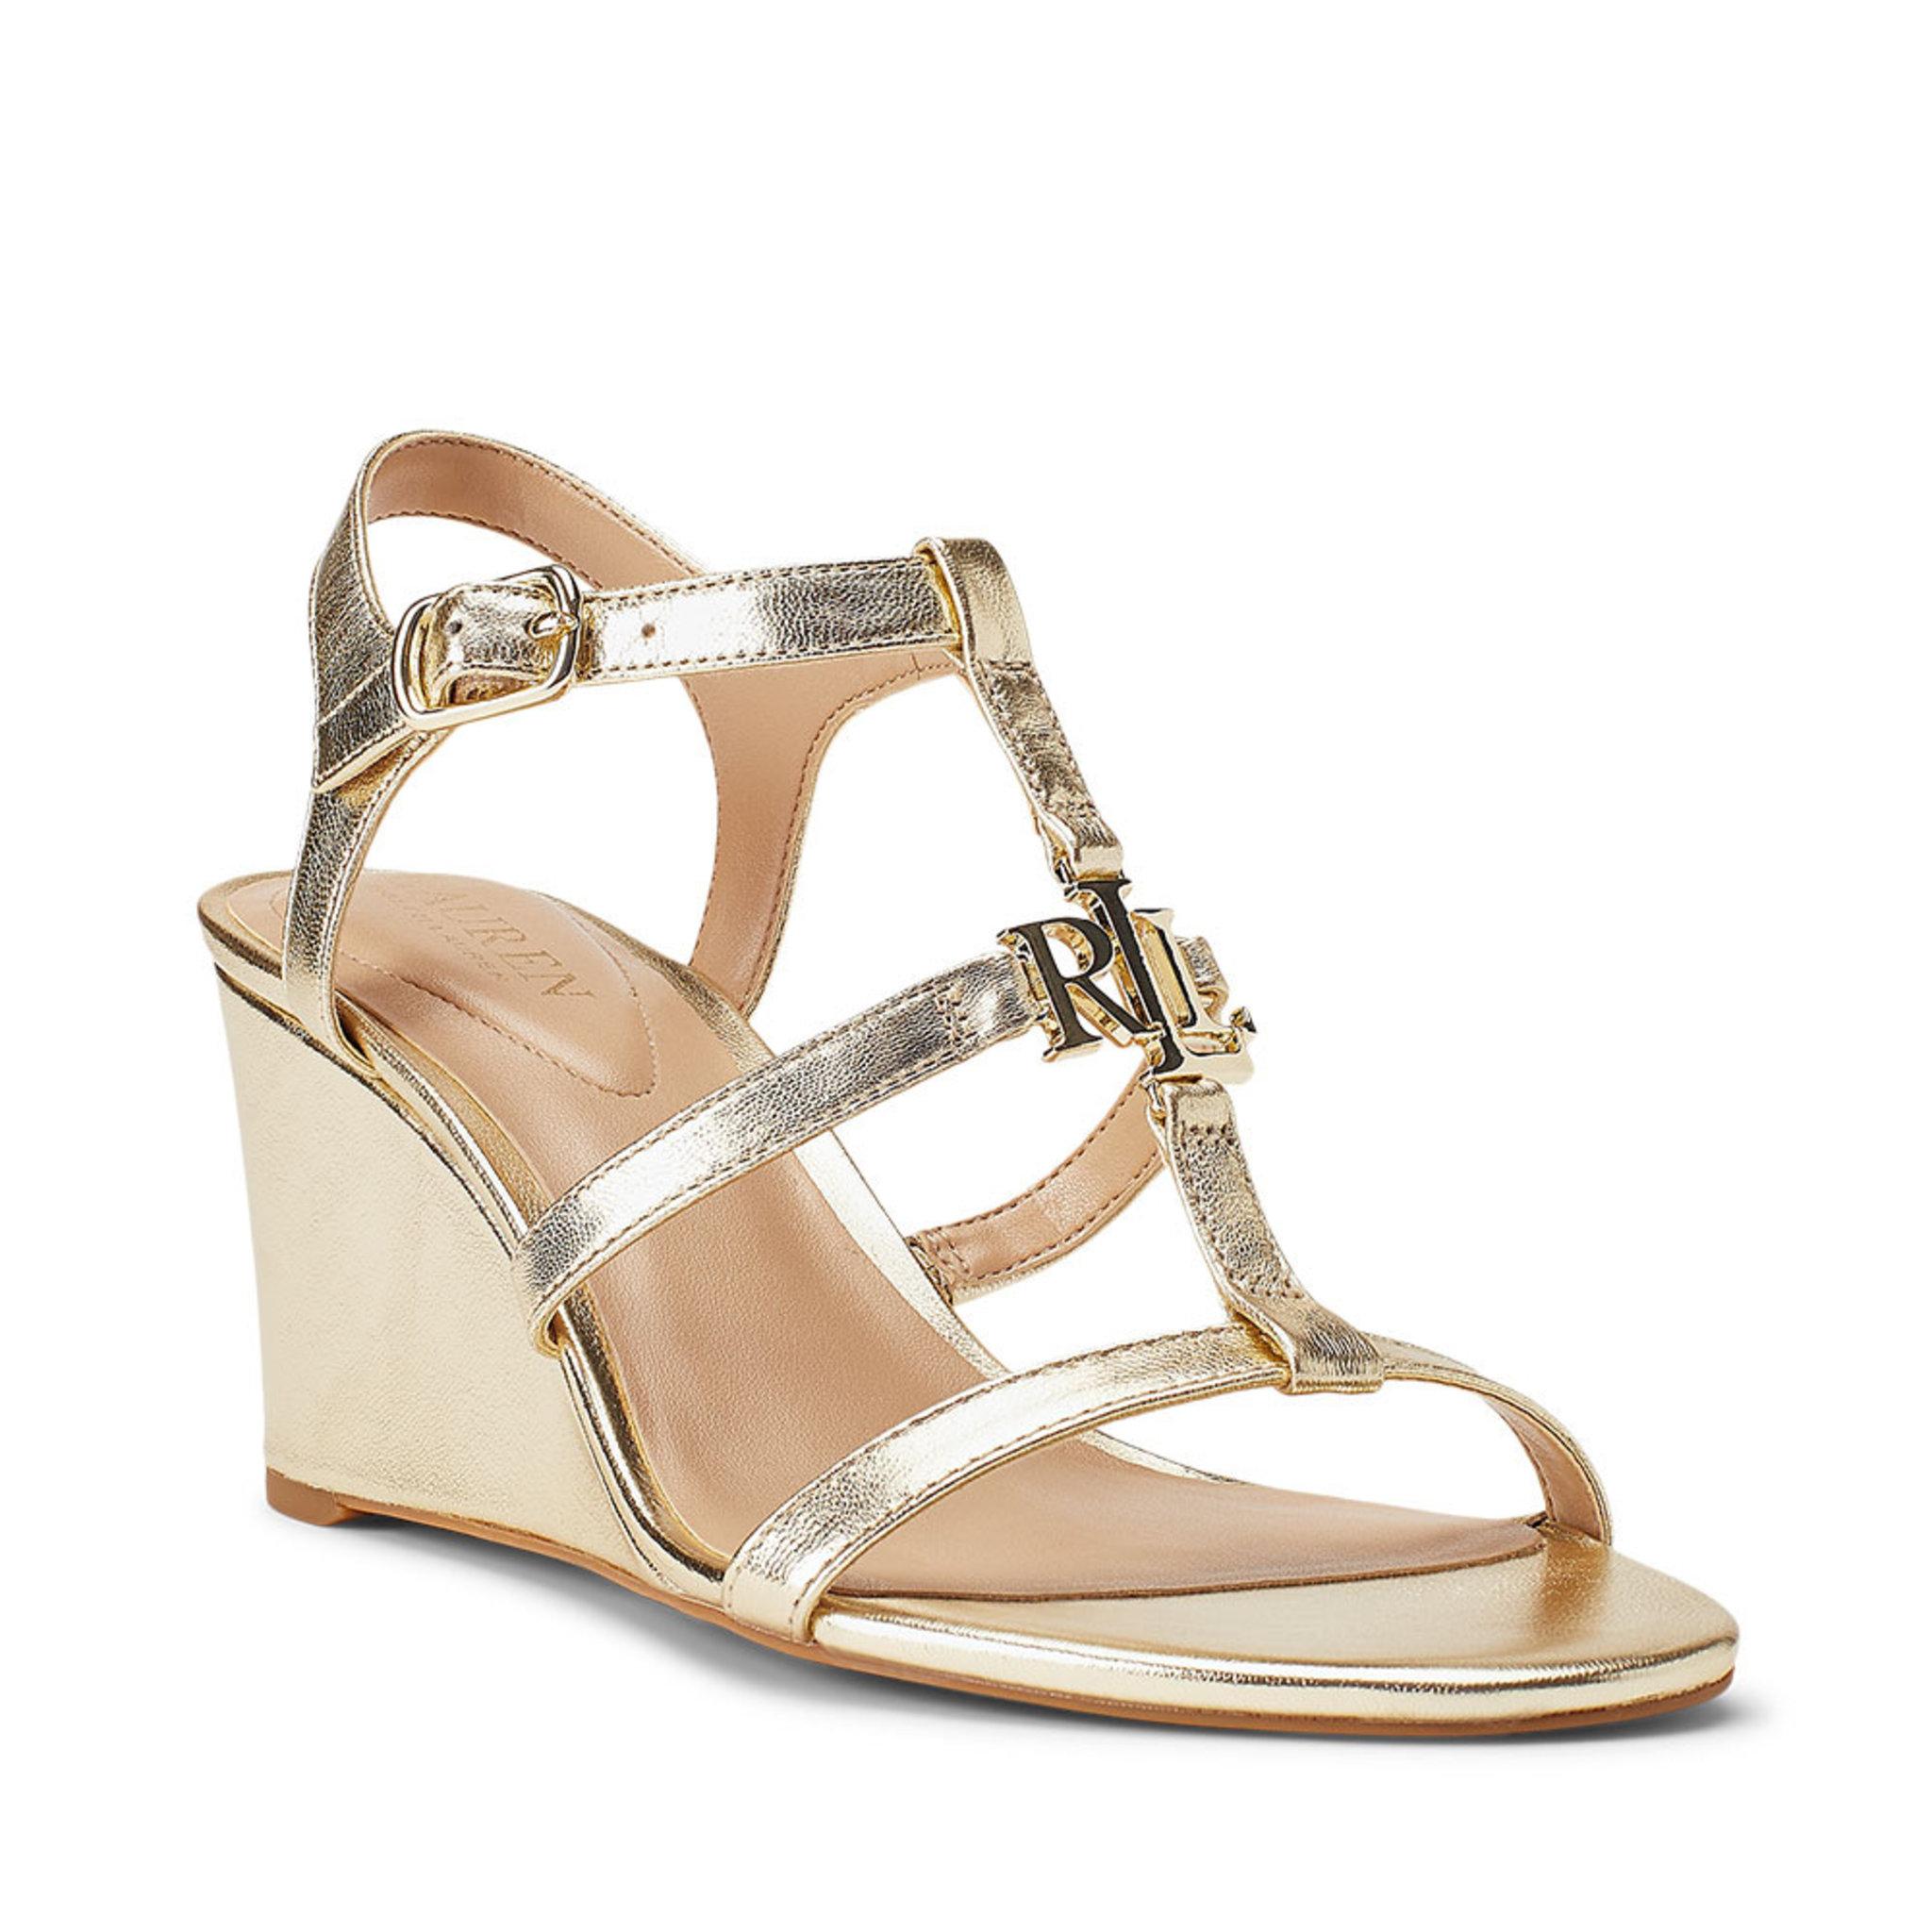 Charlton Metallic Wedge Sandal